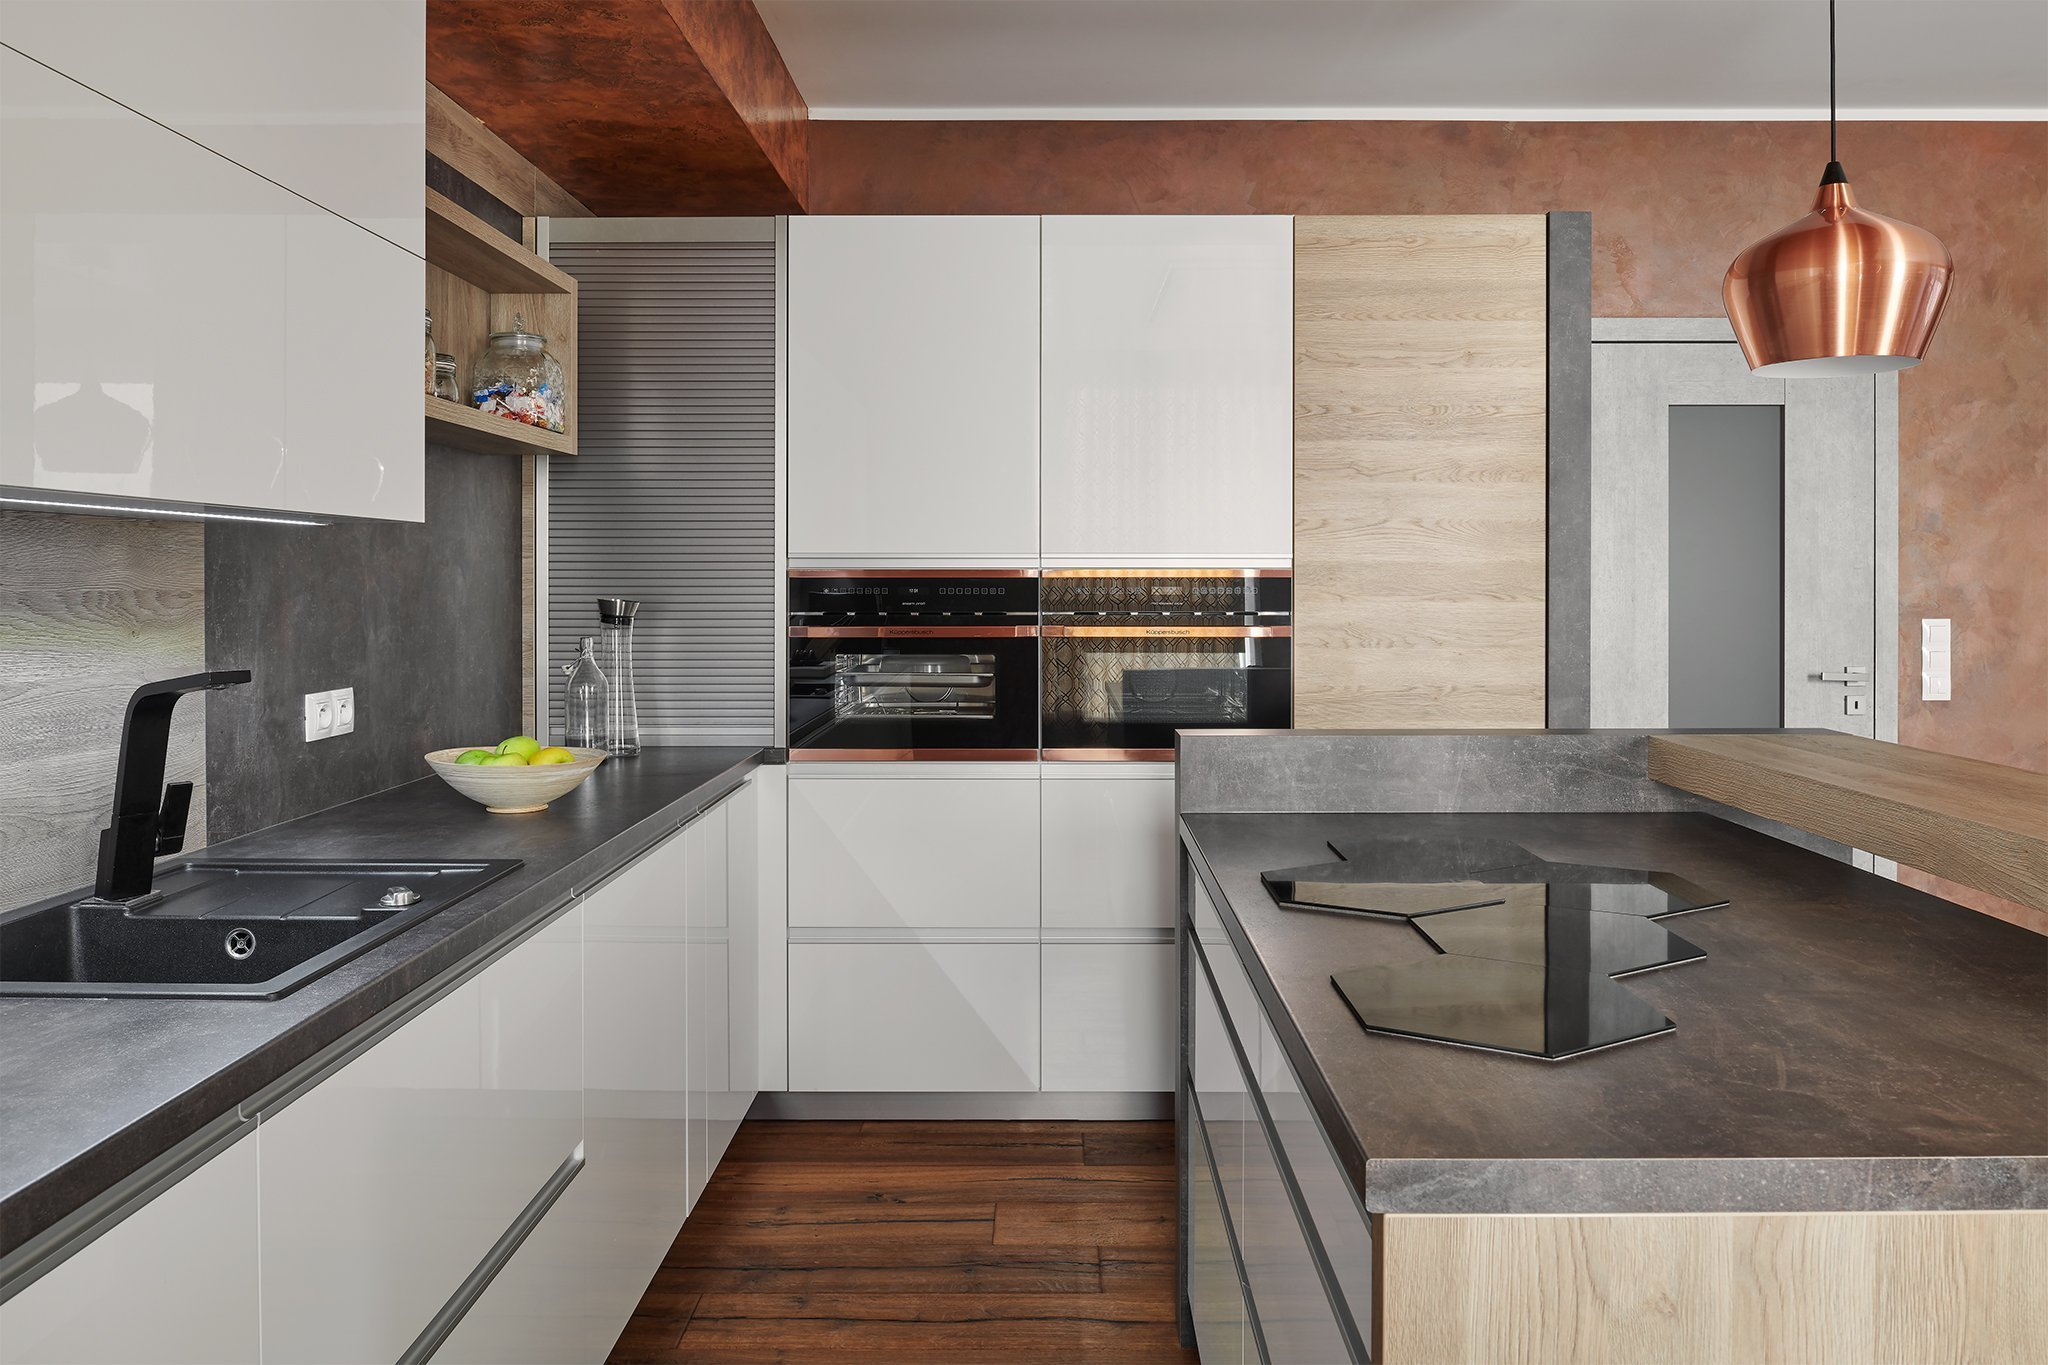 Bílábarva kuchyně představuje univerzální řešení aleskje už pěkných pár let v kurzu.Lesklé povrchydodávají kuchyni exkluzivní…